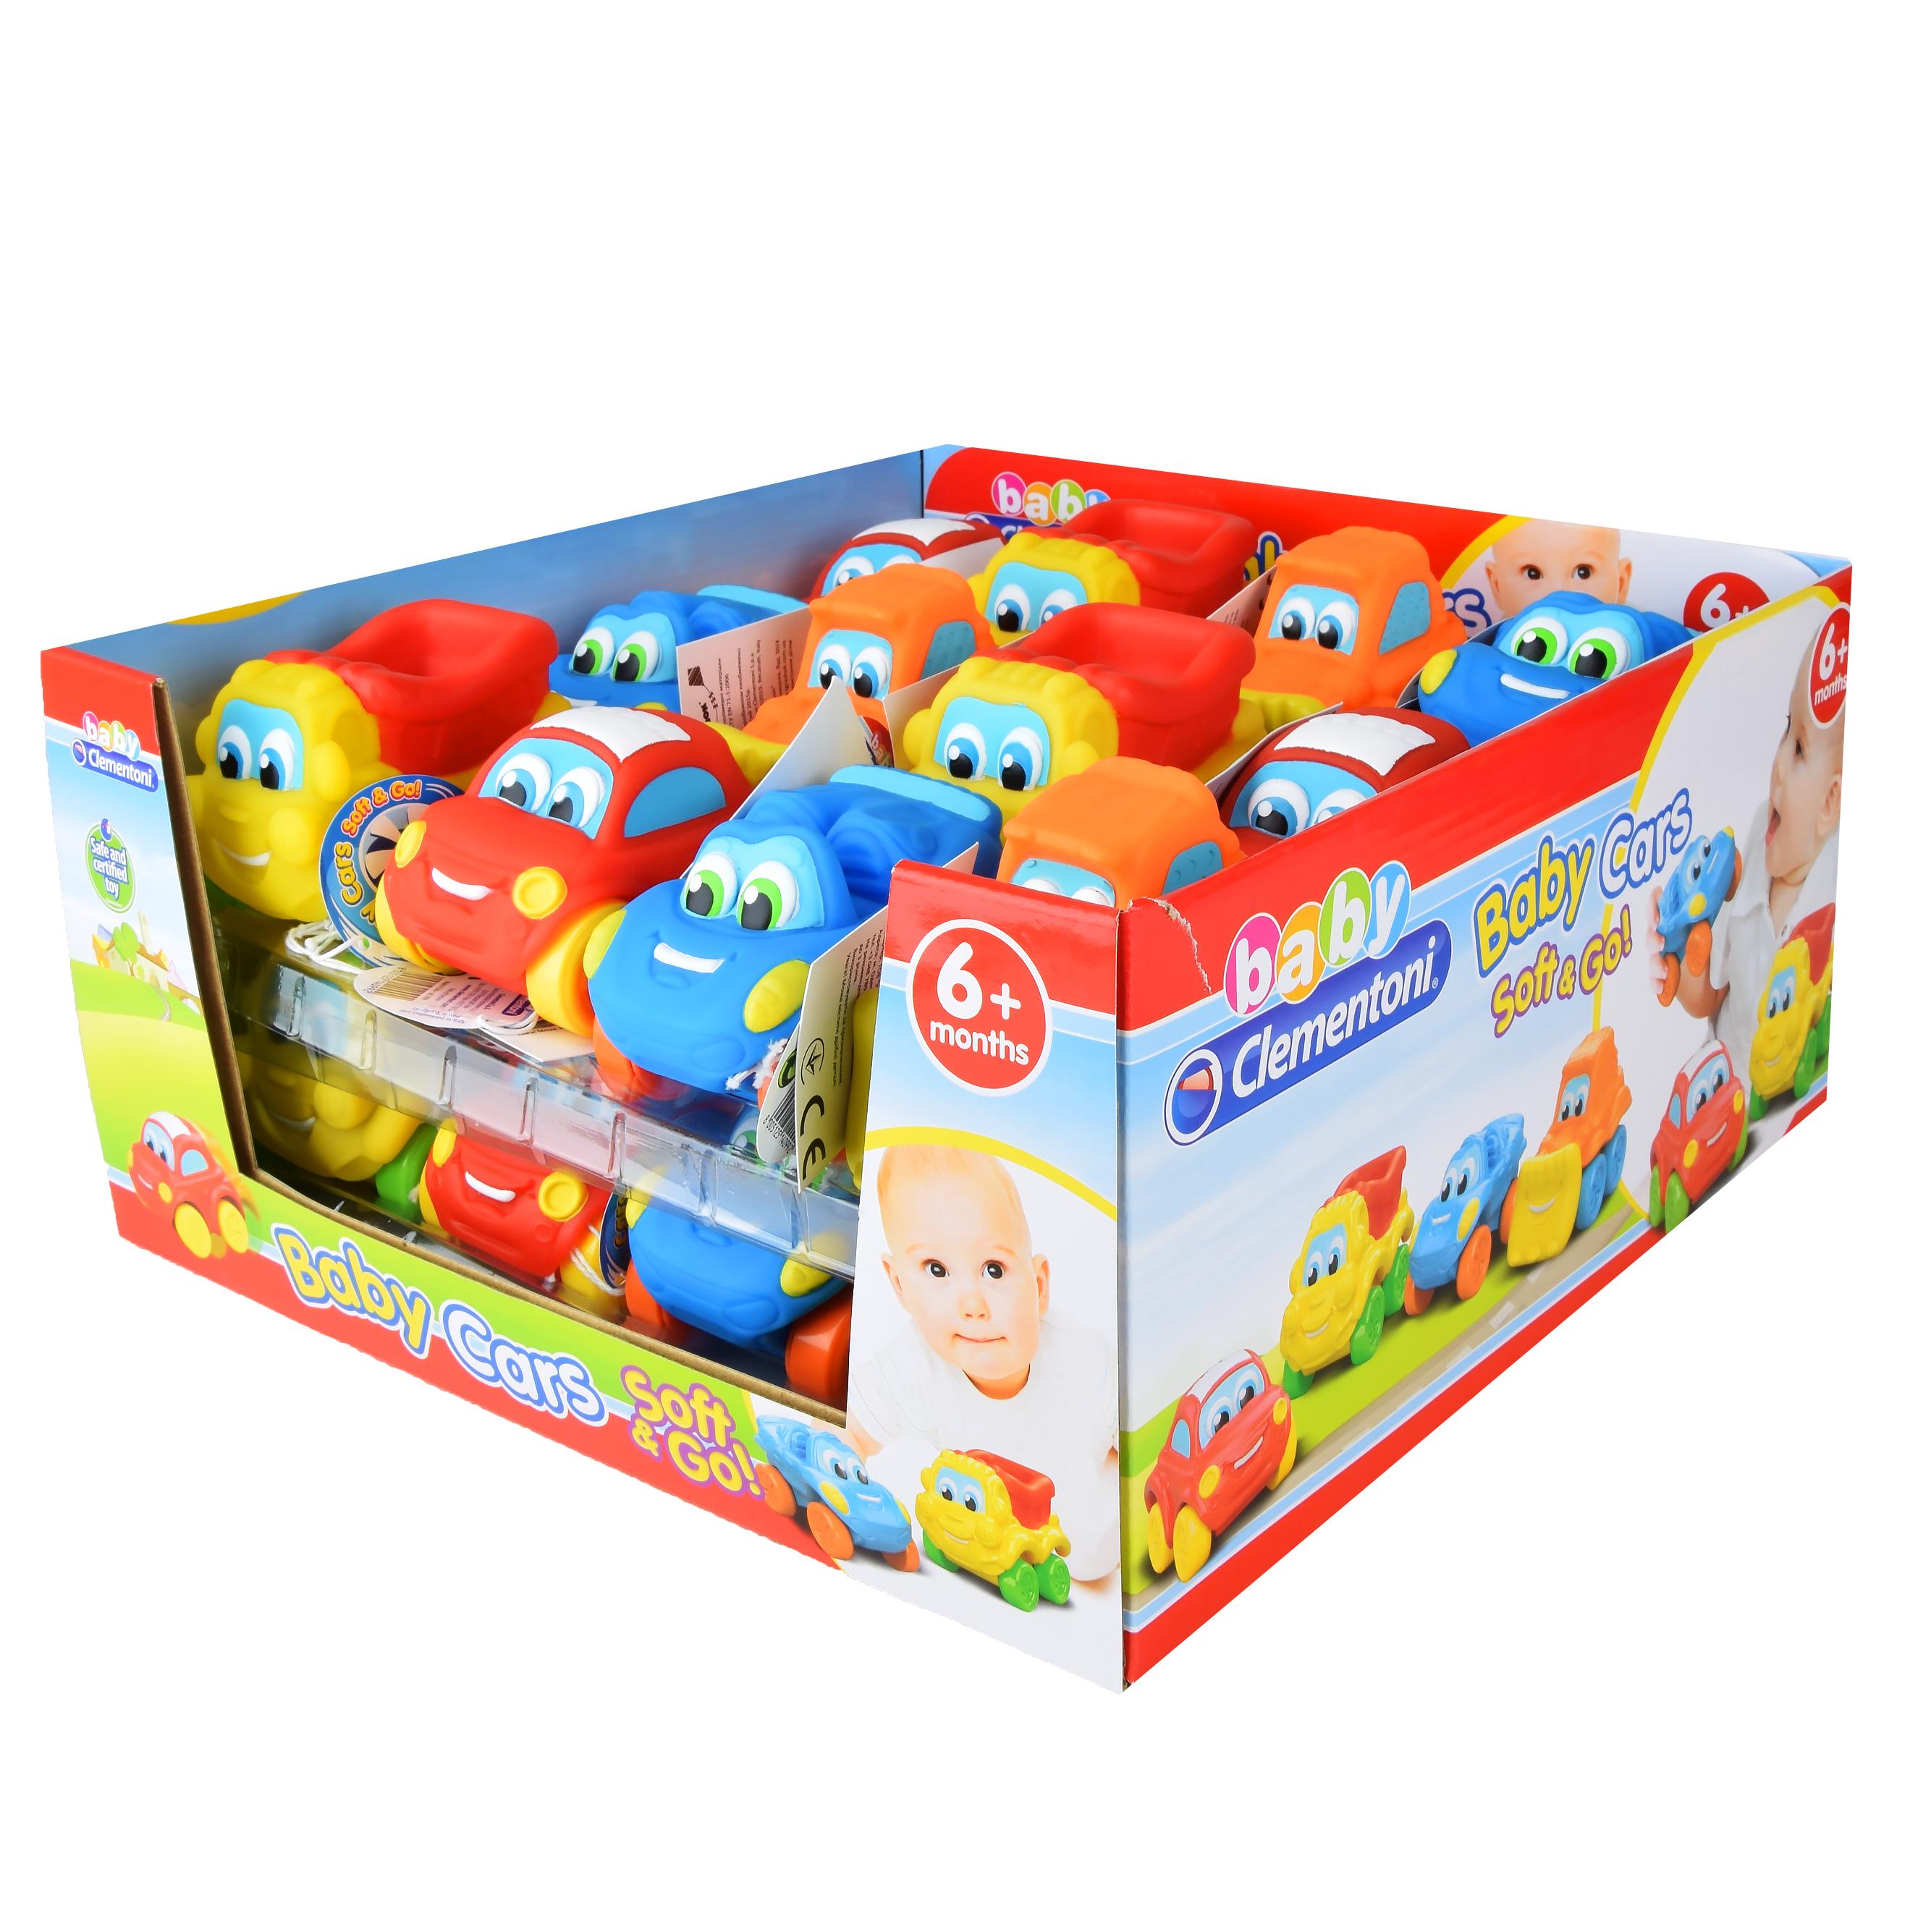 Игрушка Clementoni Детская машинка Арт. 14099  в дисплее 24 шт